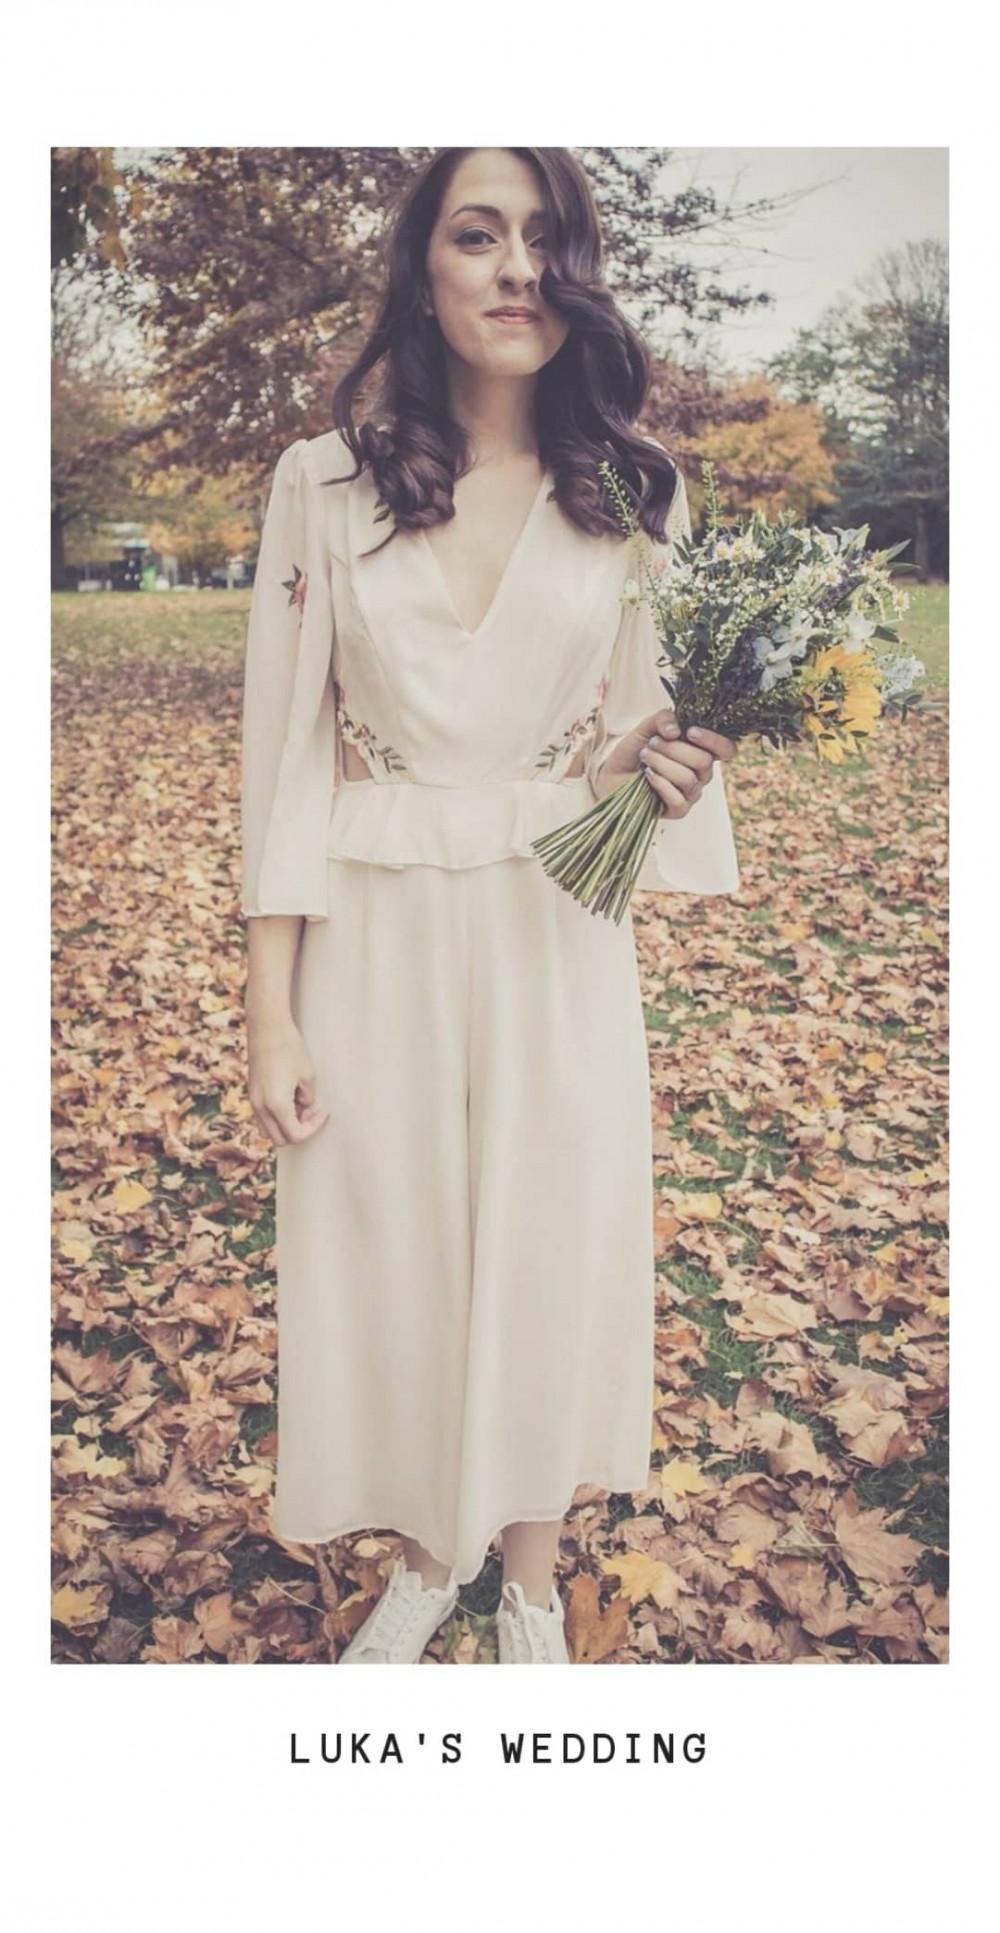 - Make Me Bridal Artist: Saraaspinallmakeup.